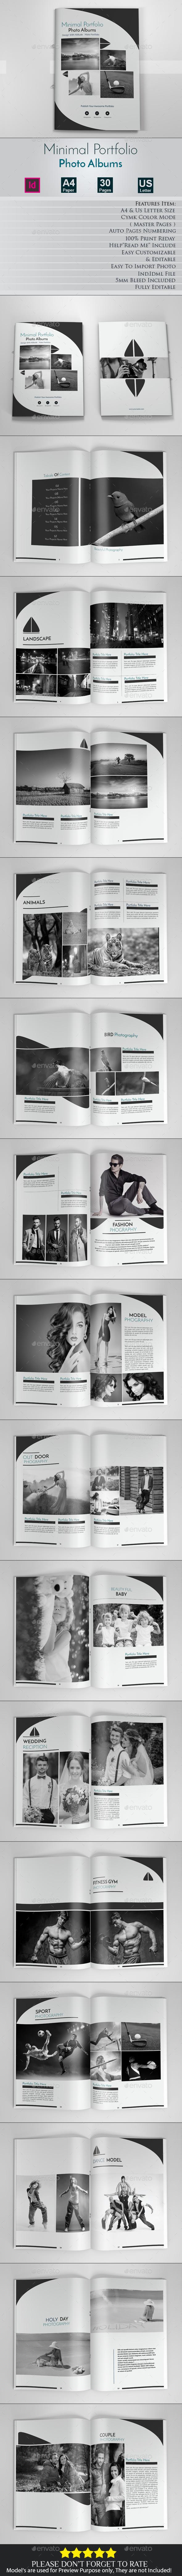 Minimal Portfolio Photo Albums - Photo Albums Print Templates